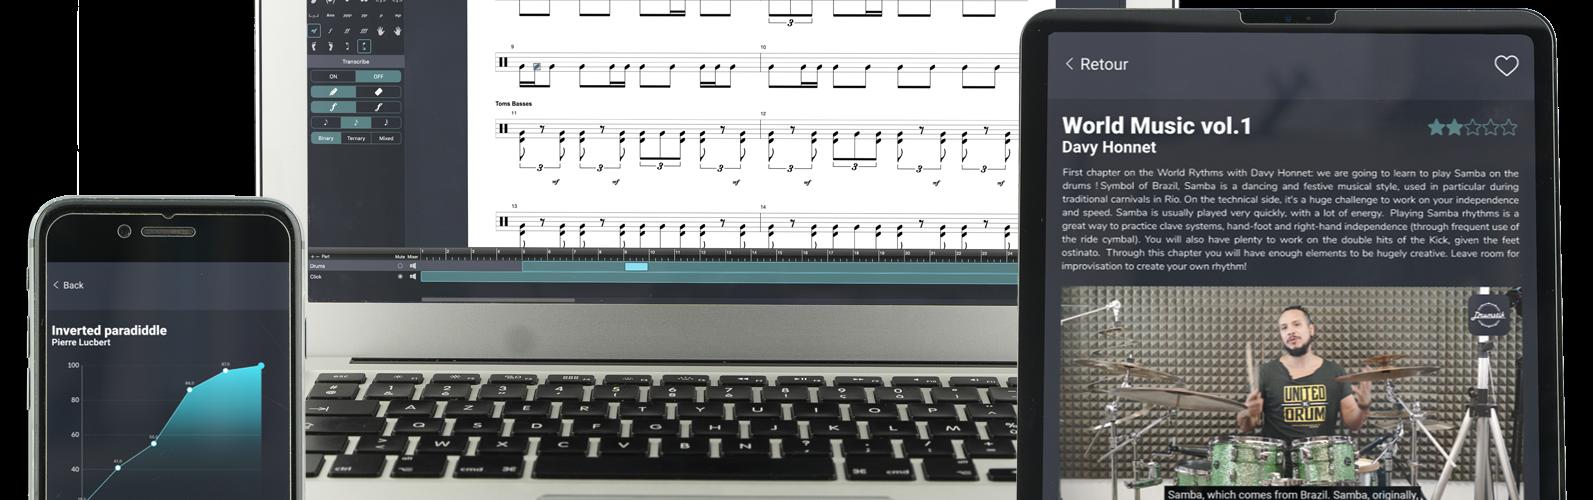 Drumstik lance son Kickstarter